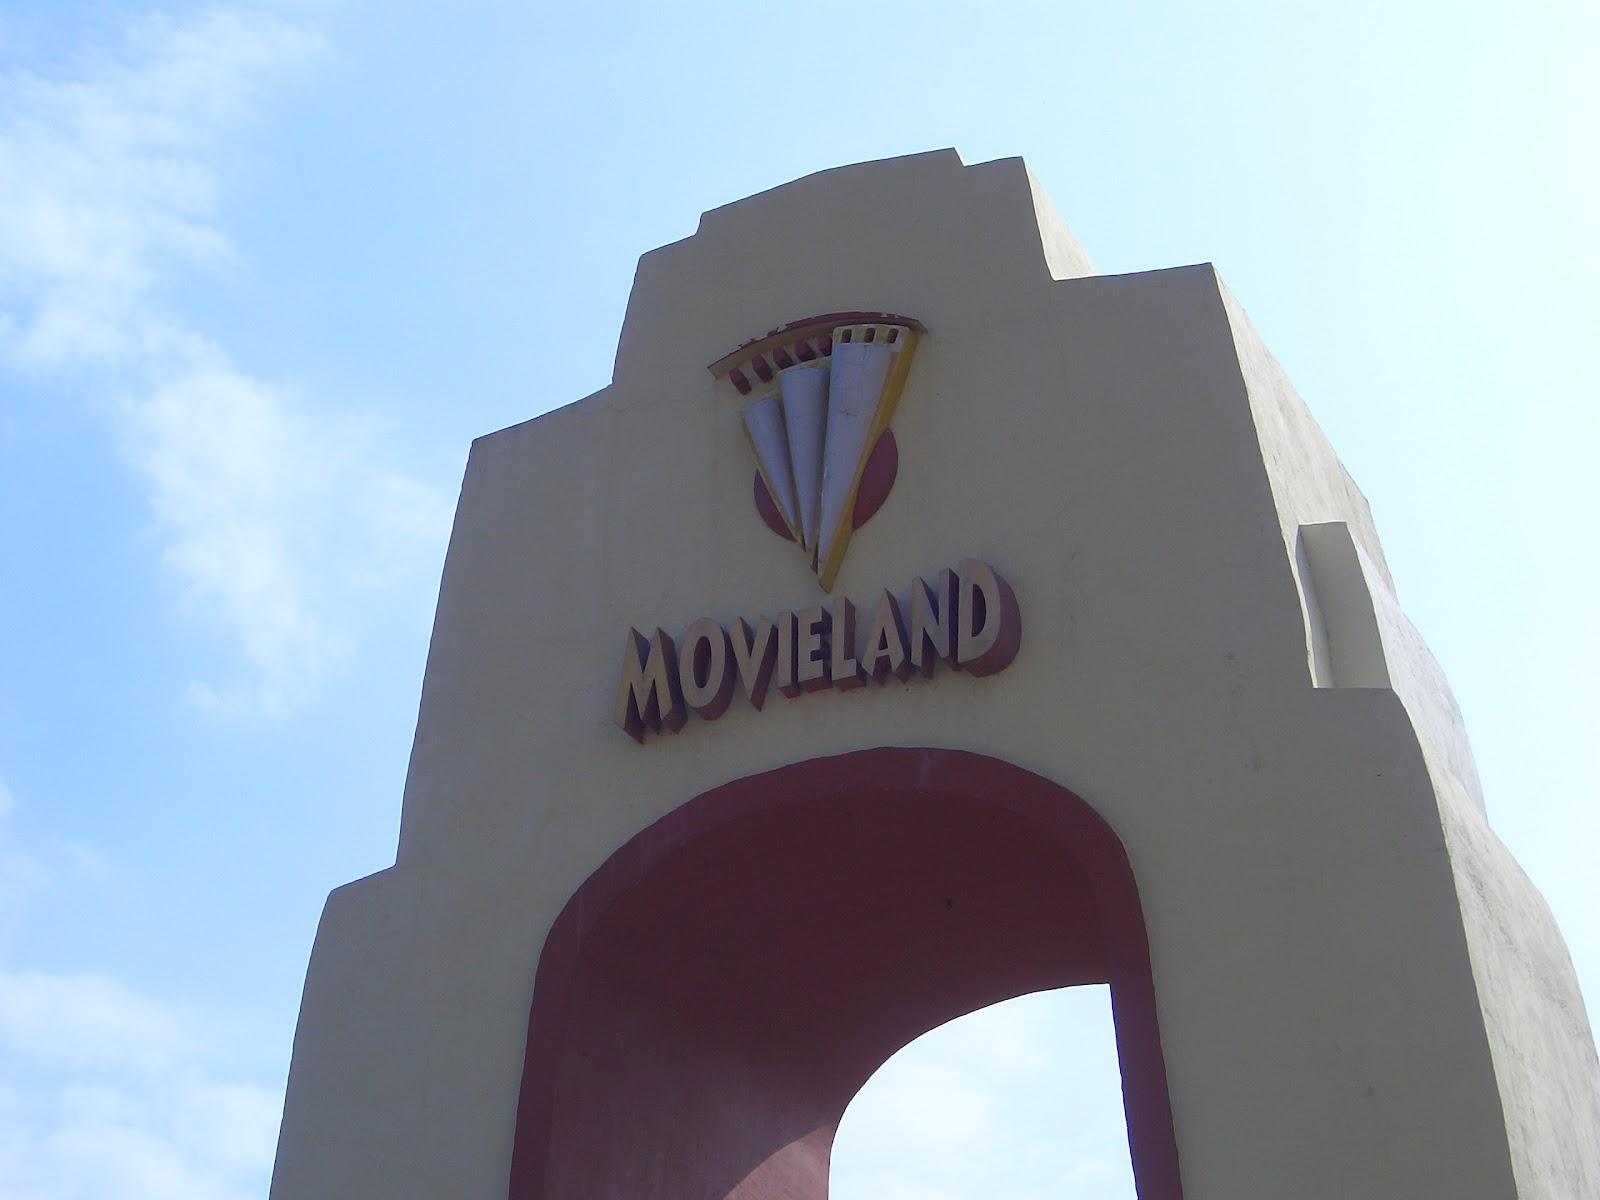 Ingresso Movieland Park